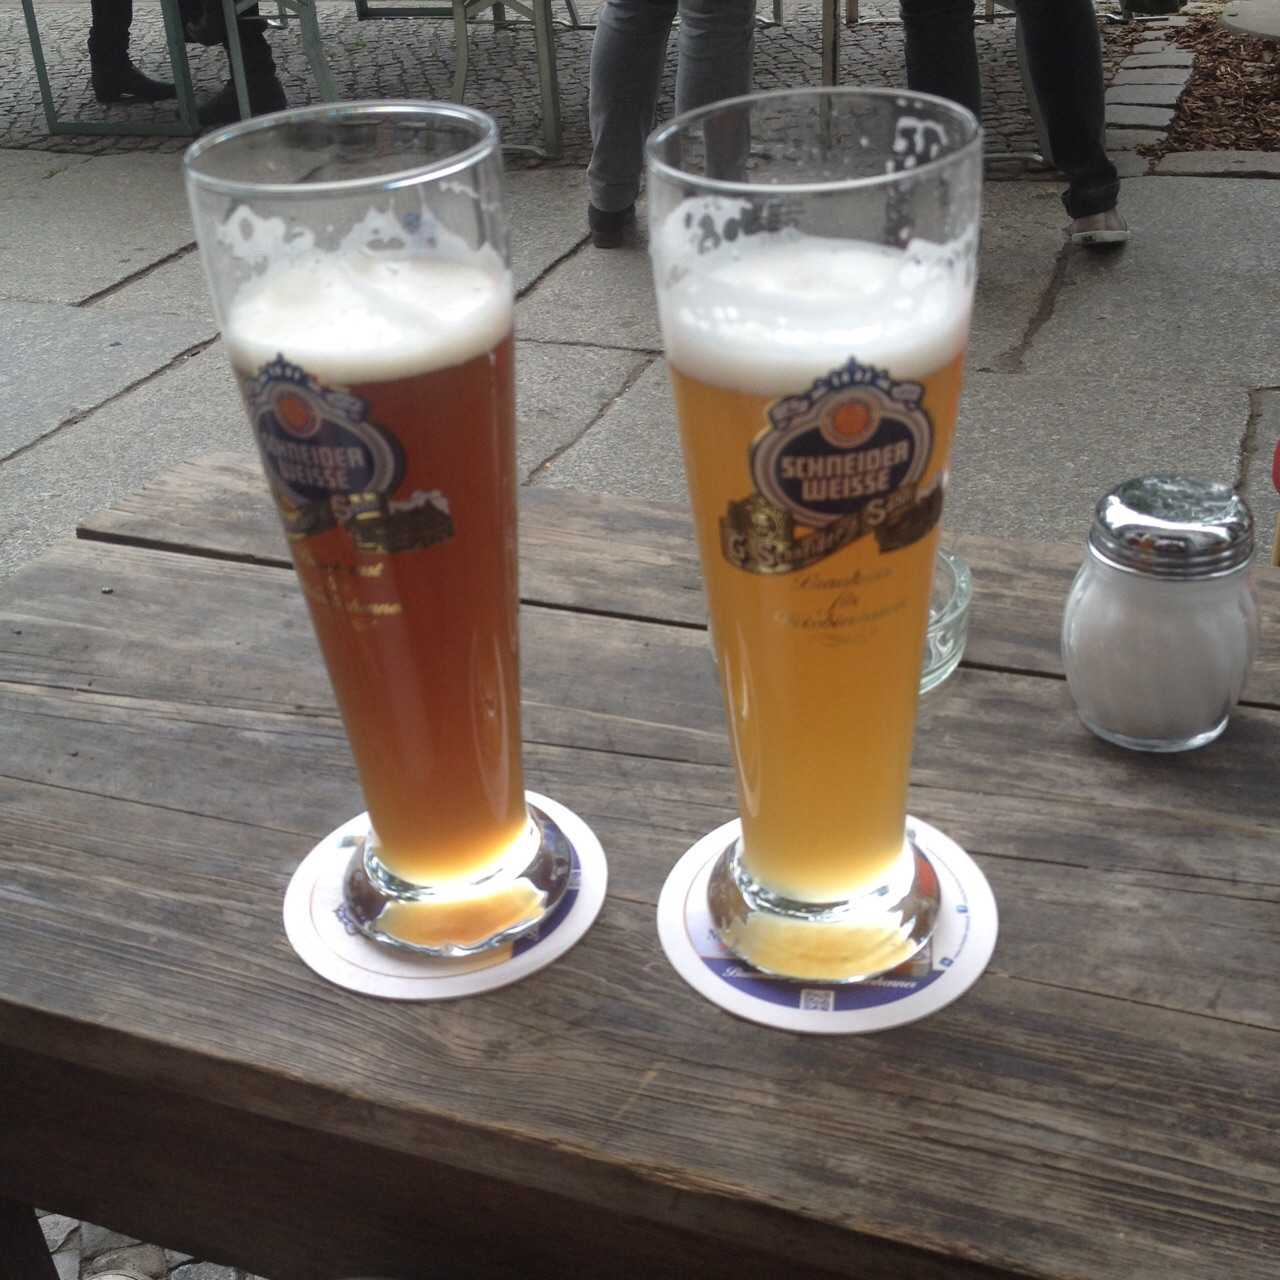 Berlin Festival Bier